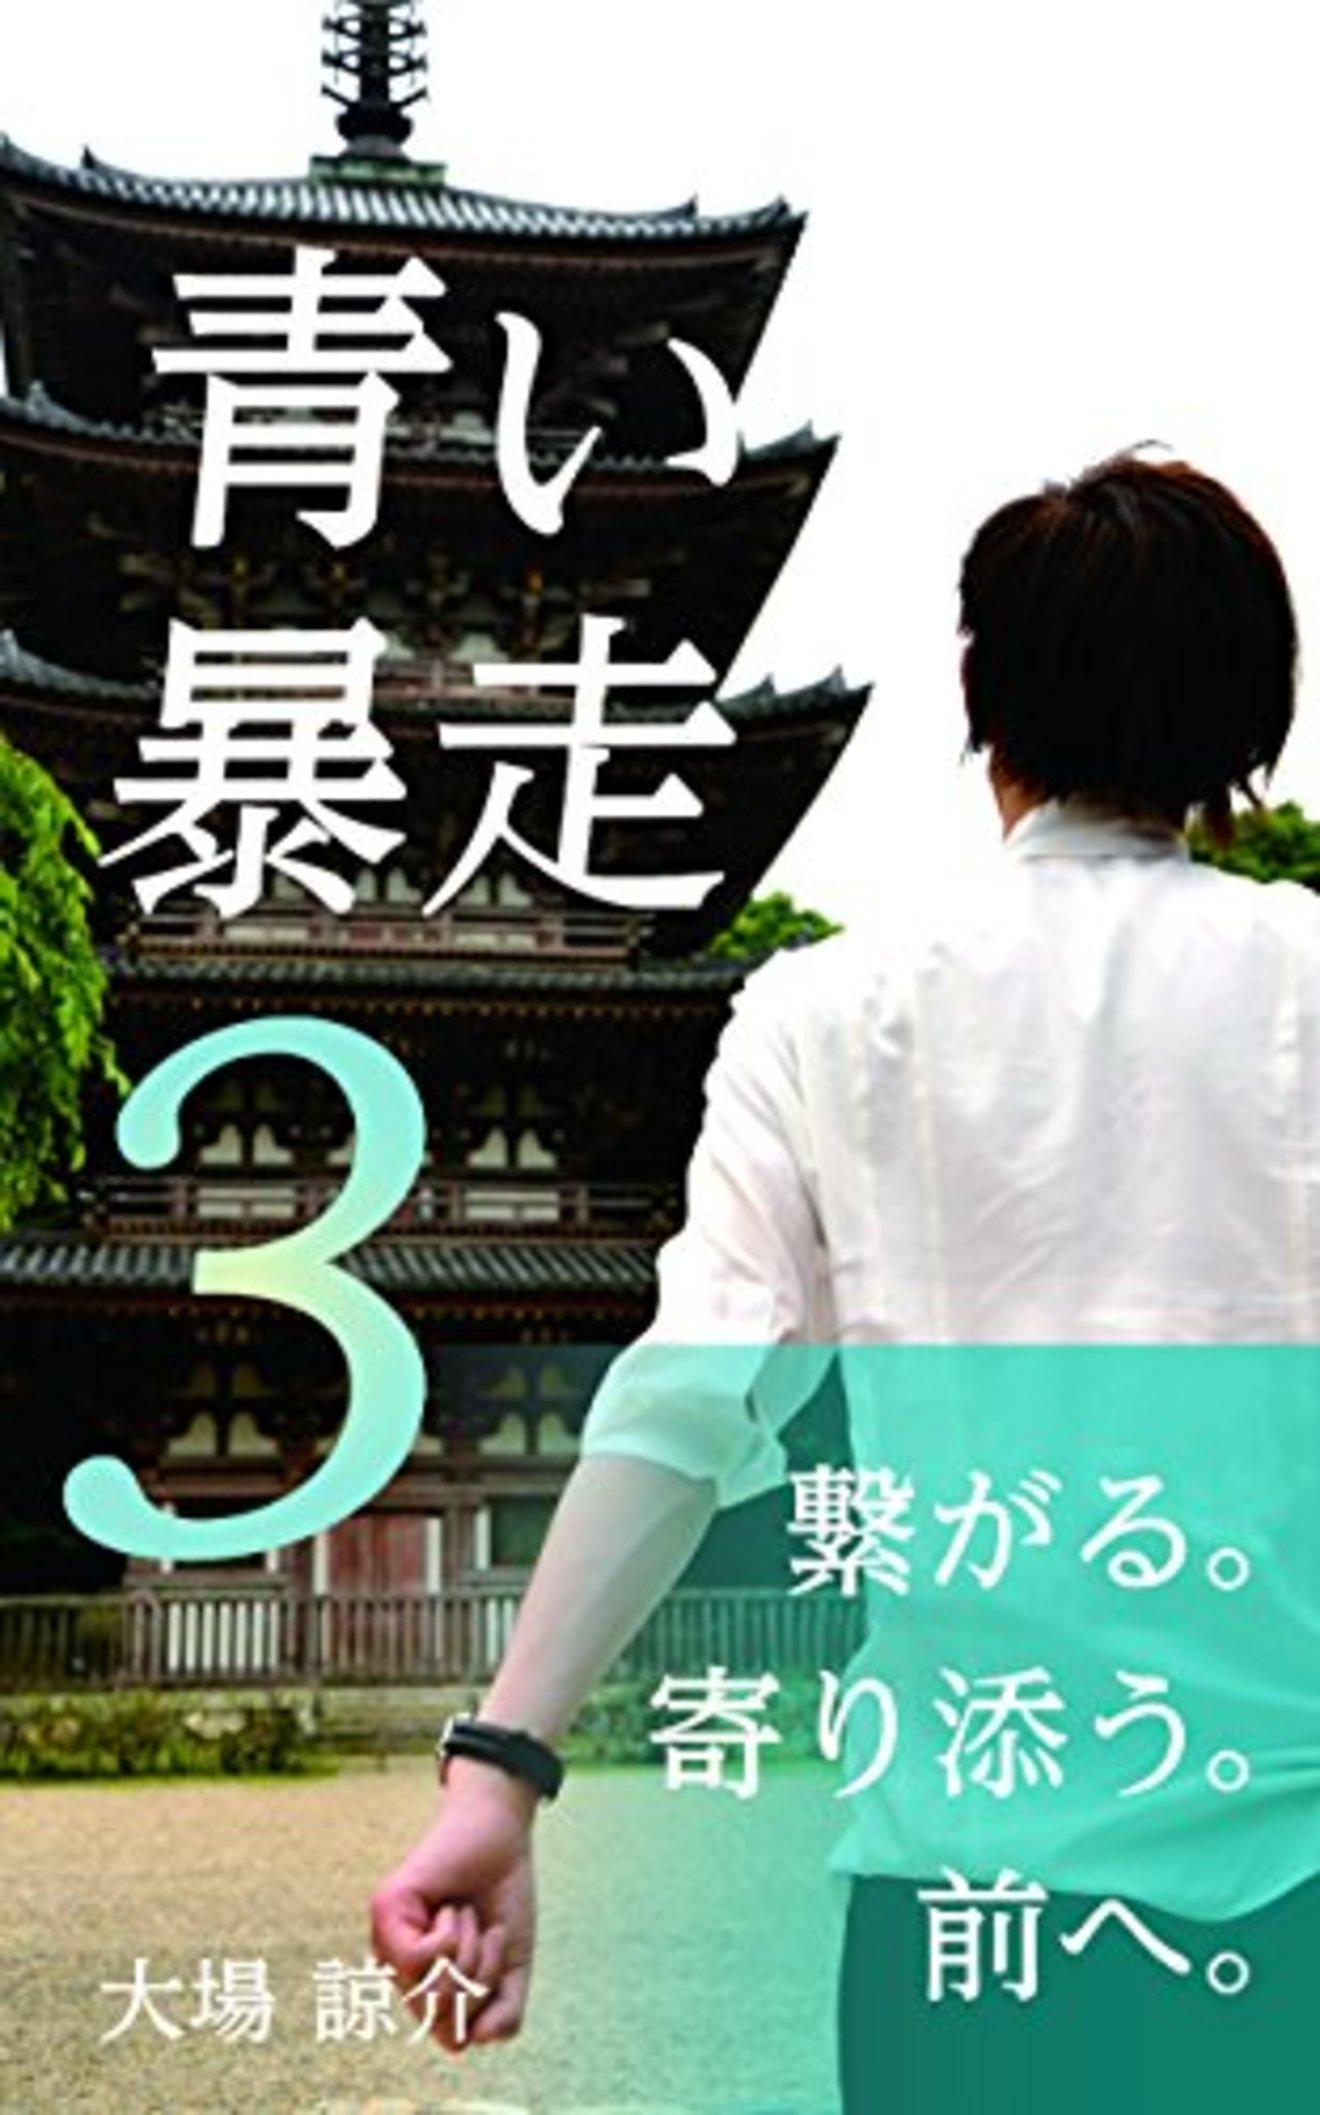 【連載小説】「ロマンティックが終わる時」第15話【毎朝6時更新】